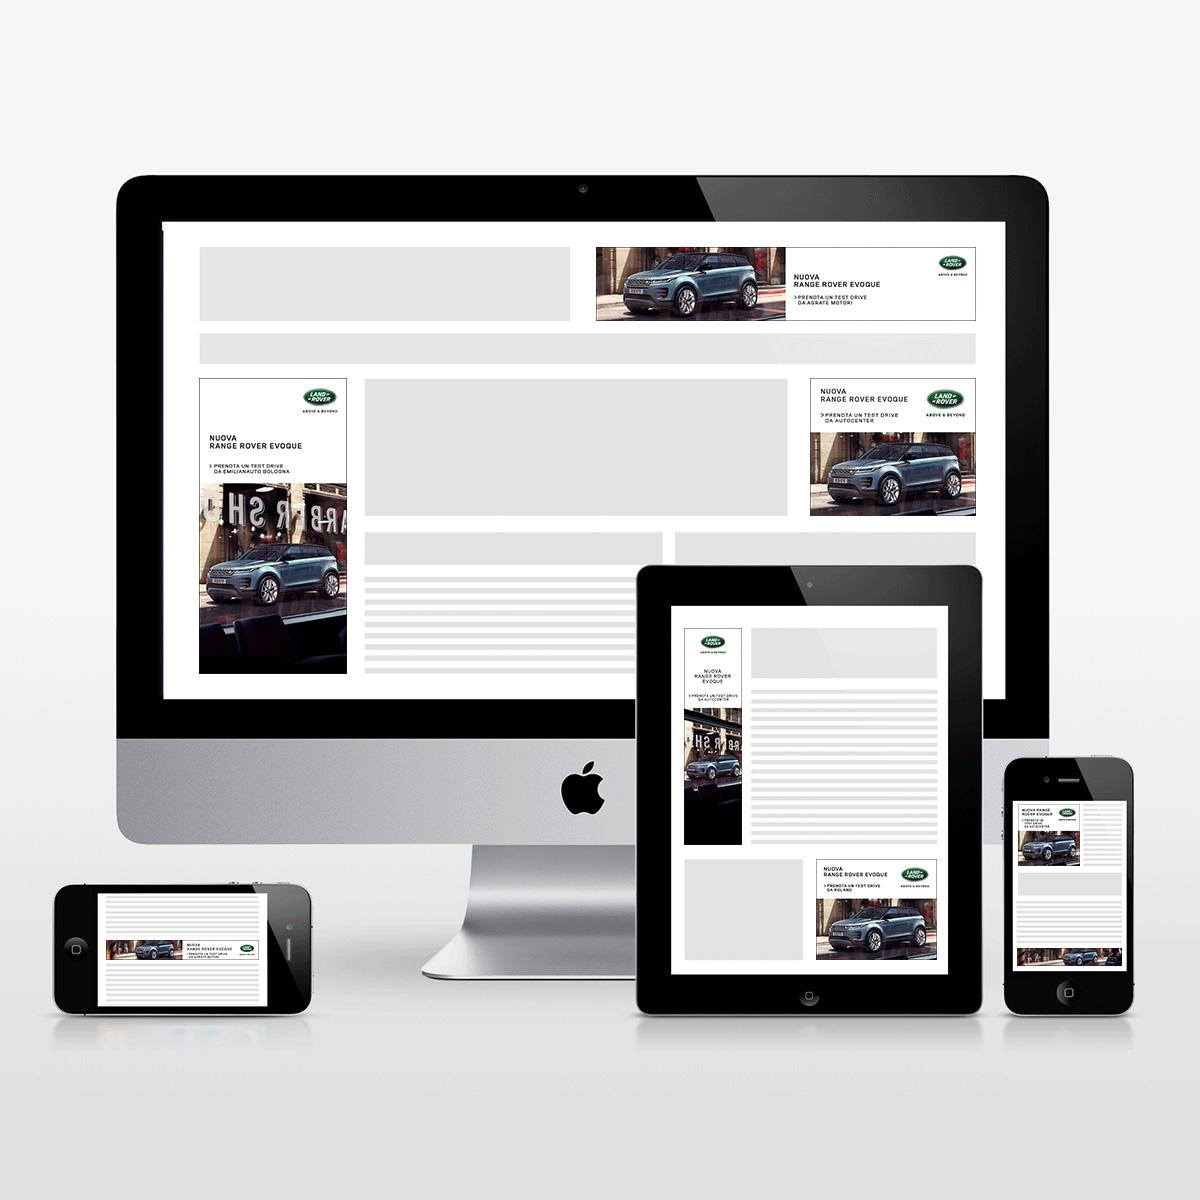 Schermo desktop, tablet e mobile con banner in varie dimensioni della Campagna Advertising Online Rete Display della Nuova Range Rover Evoque - adattata per i dealer in Italia